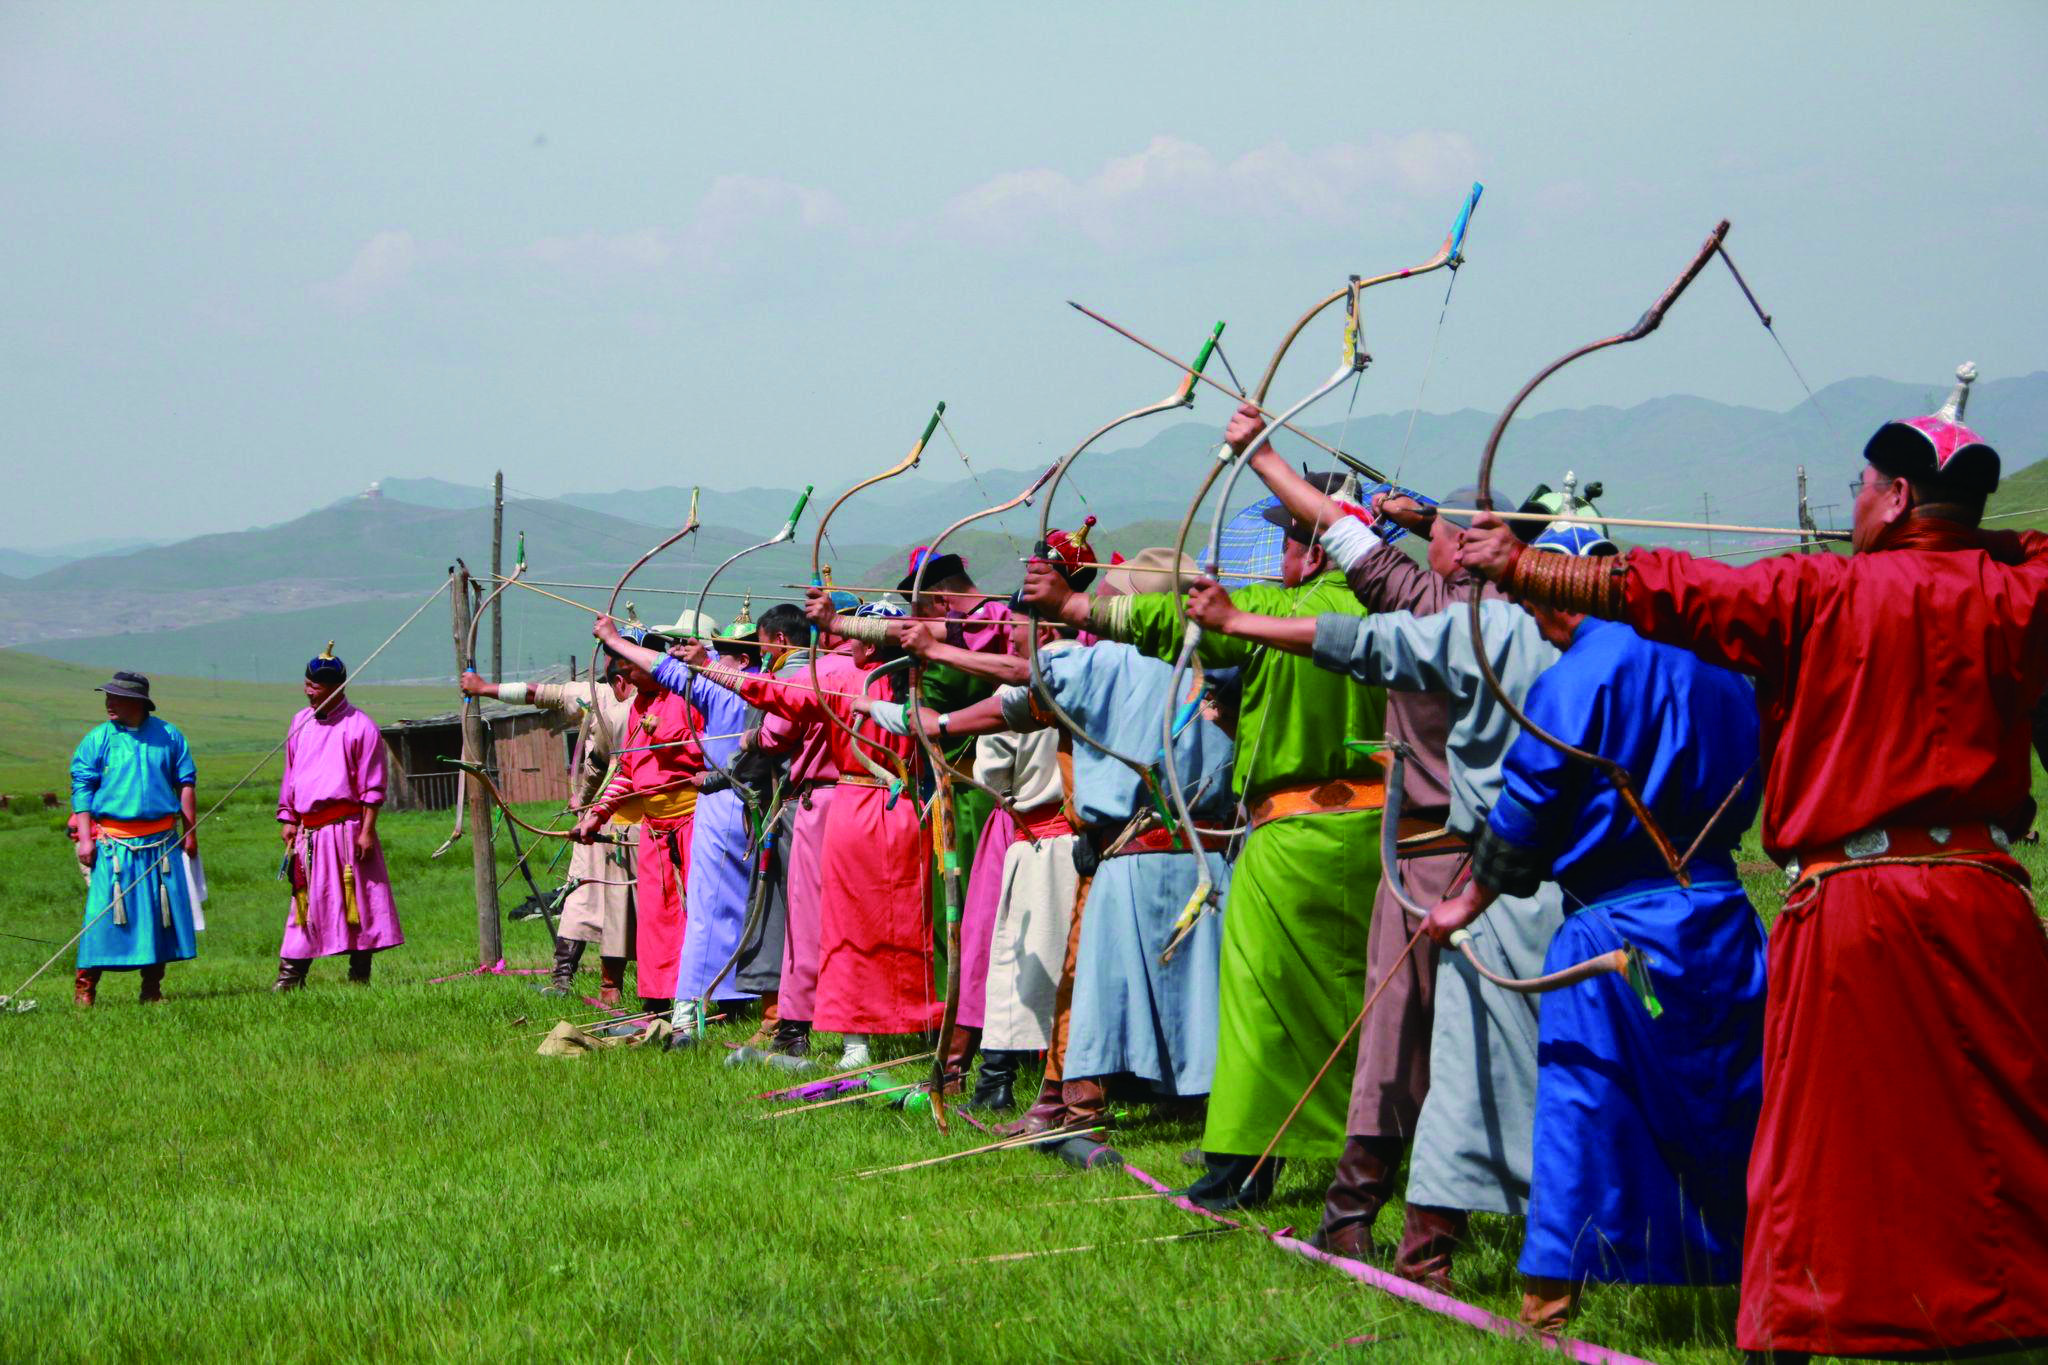 3img228 1 - 2020故宮亞洲藝術節 | 嘉義親子旅遊,感受蒙古風情免出國,來故宮南院玩羊踝骨彈射遊戲,喝蒙古奶茶、搭建蒙古包、穿蒙古服飾